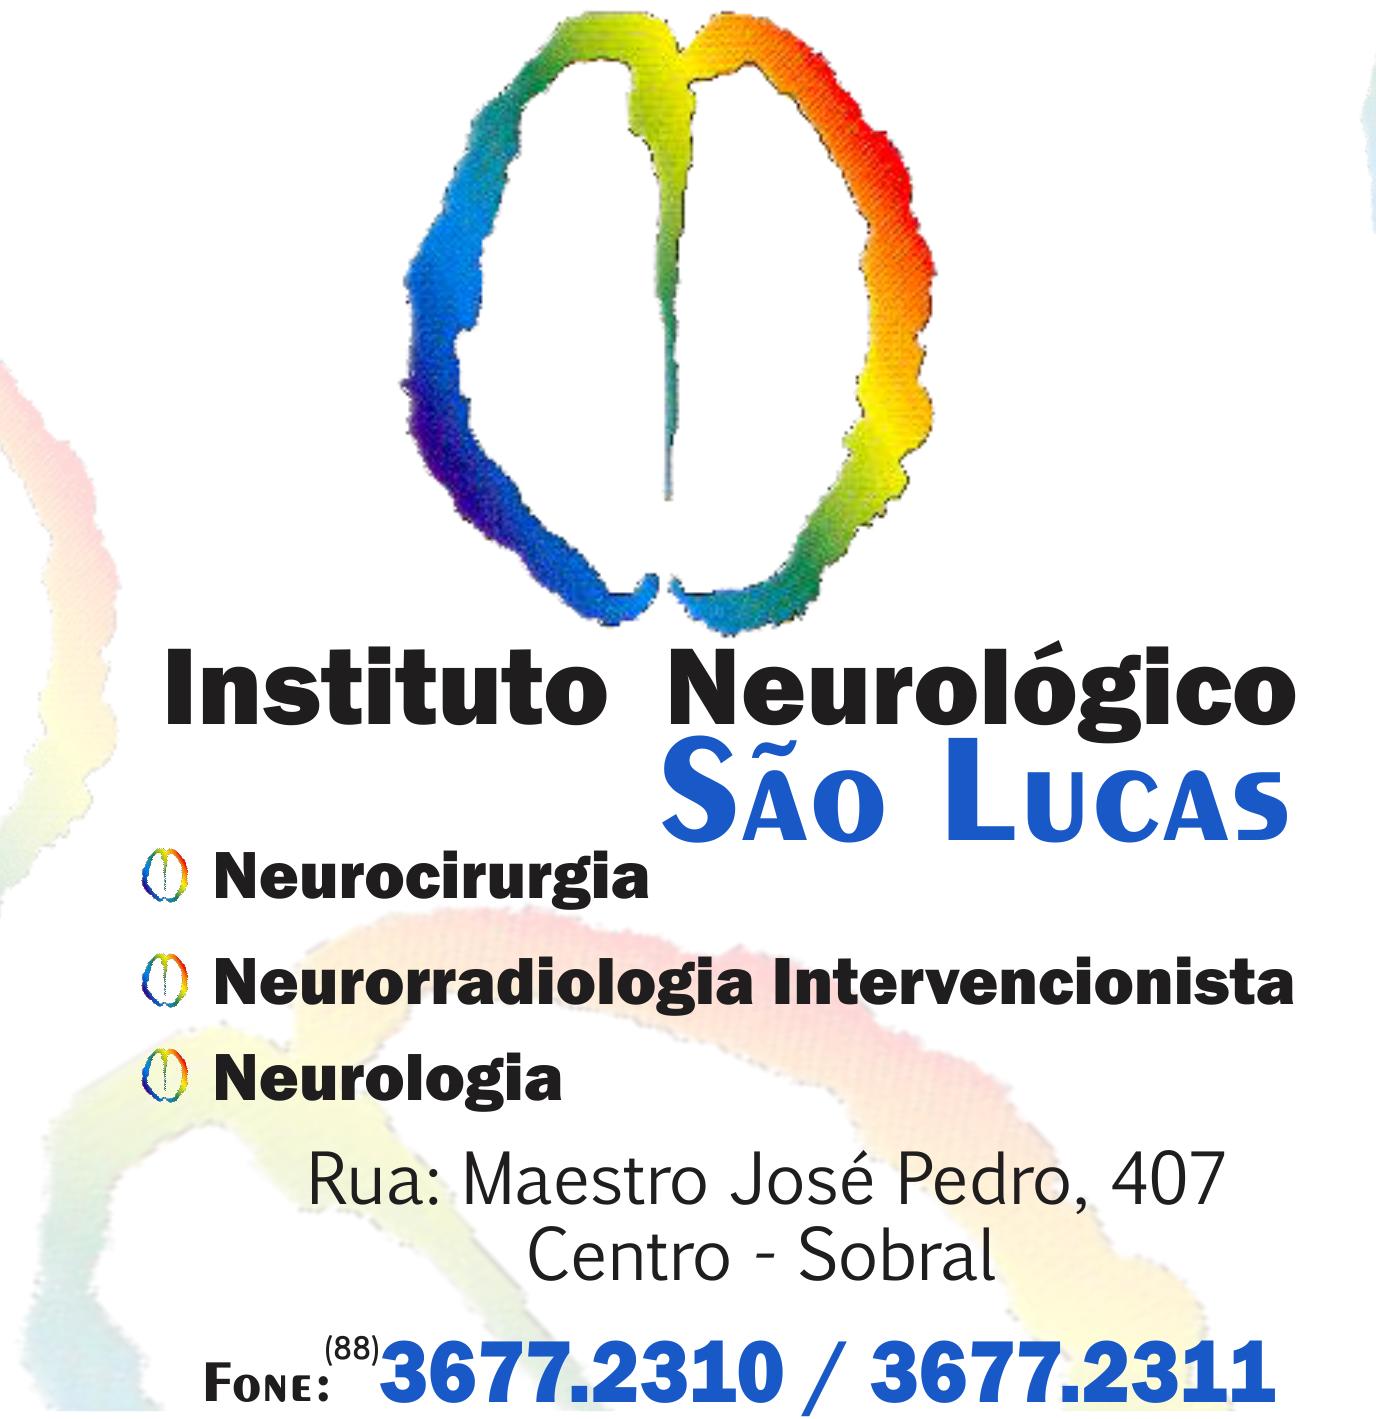 INSTITUTO NEUROLÓGICO SÃO LUCAS